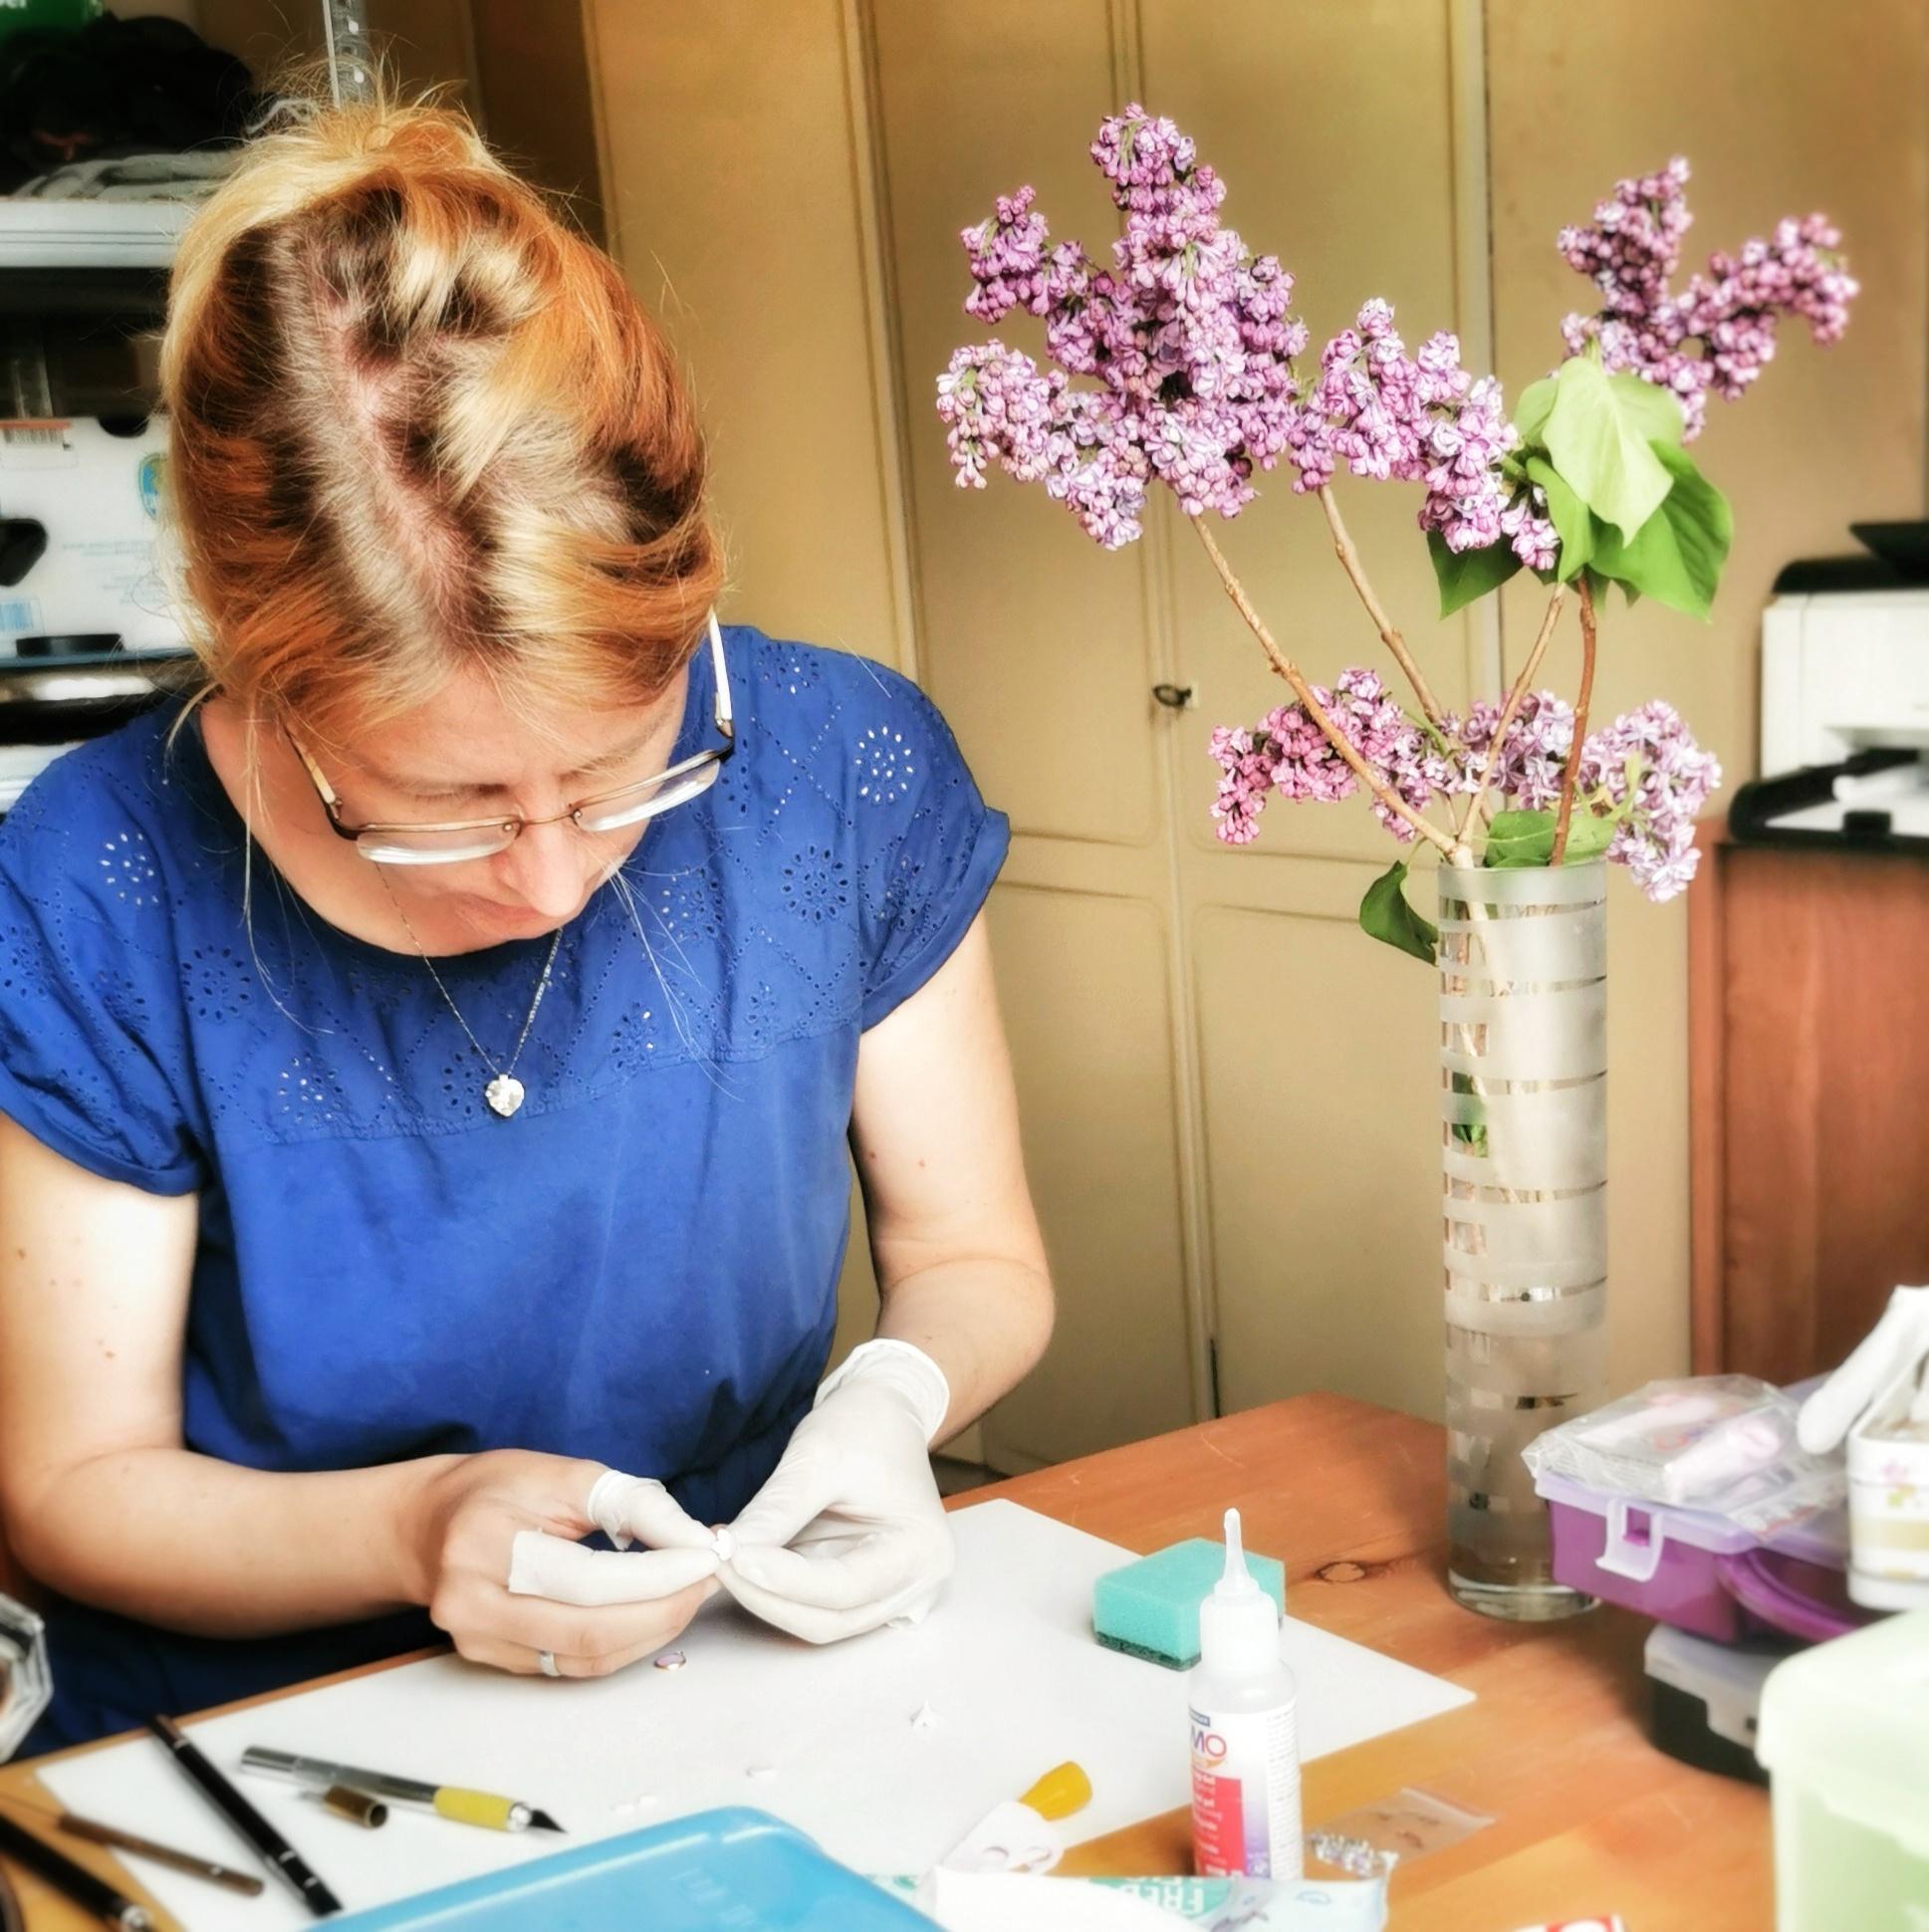 Mairi autorka květinových šperků při práci s polymerovou hmotou